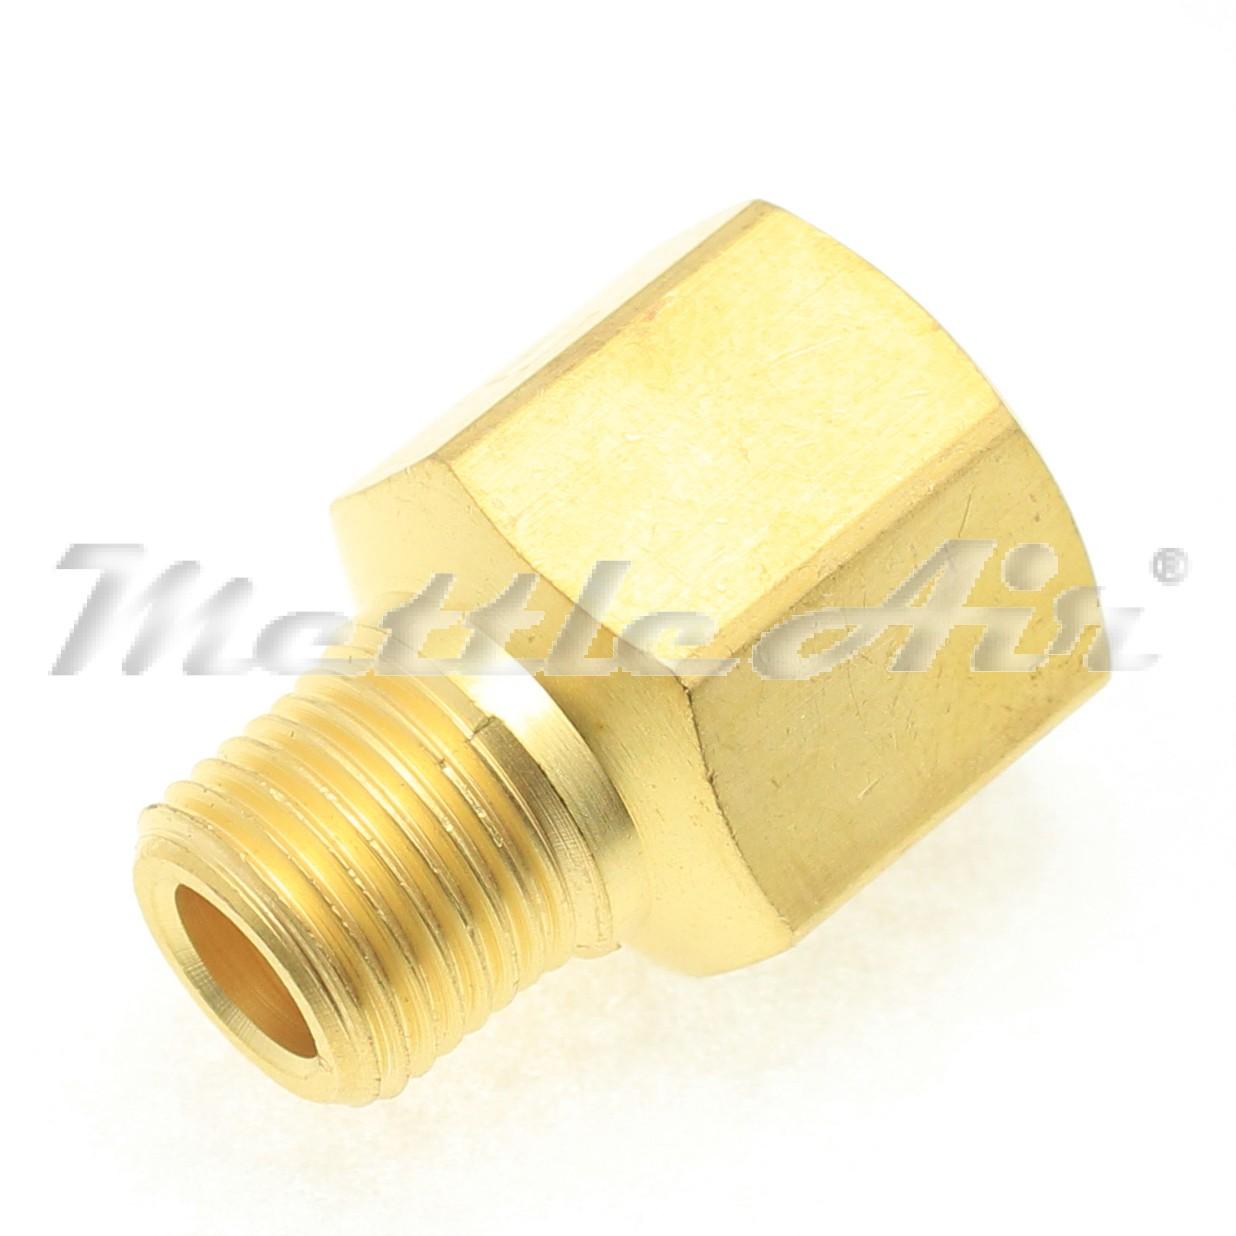 """British Thread Brass Adaptor 1/8"""" BSPP (G)  Female - 1/8"""" BSPP (G) Male"""